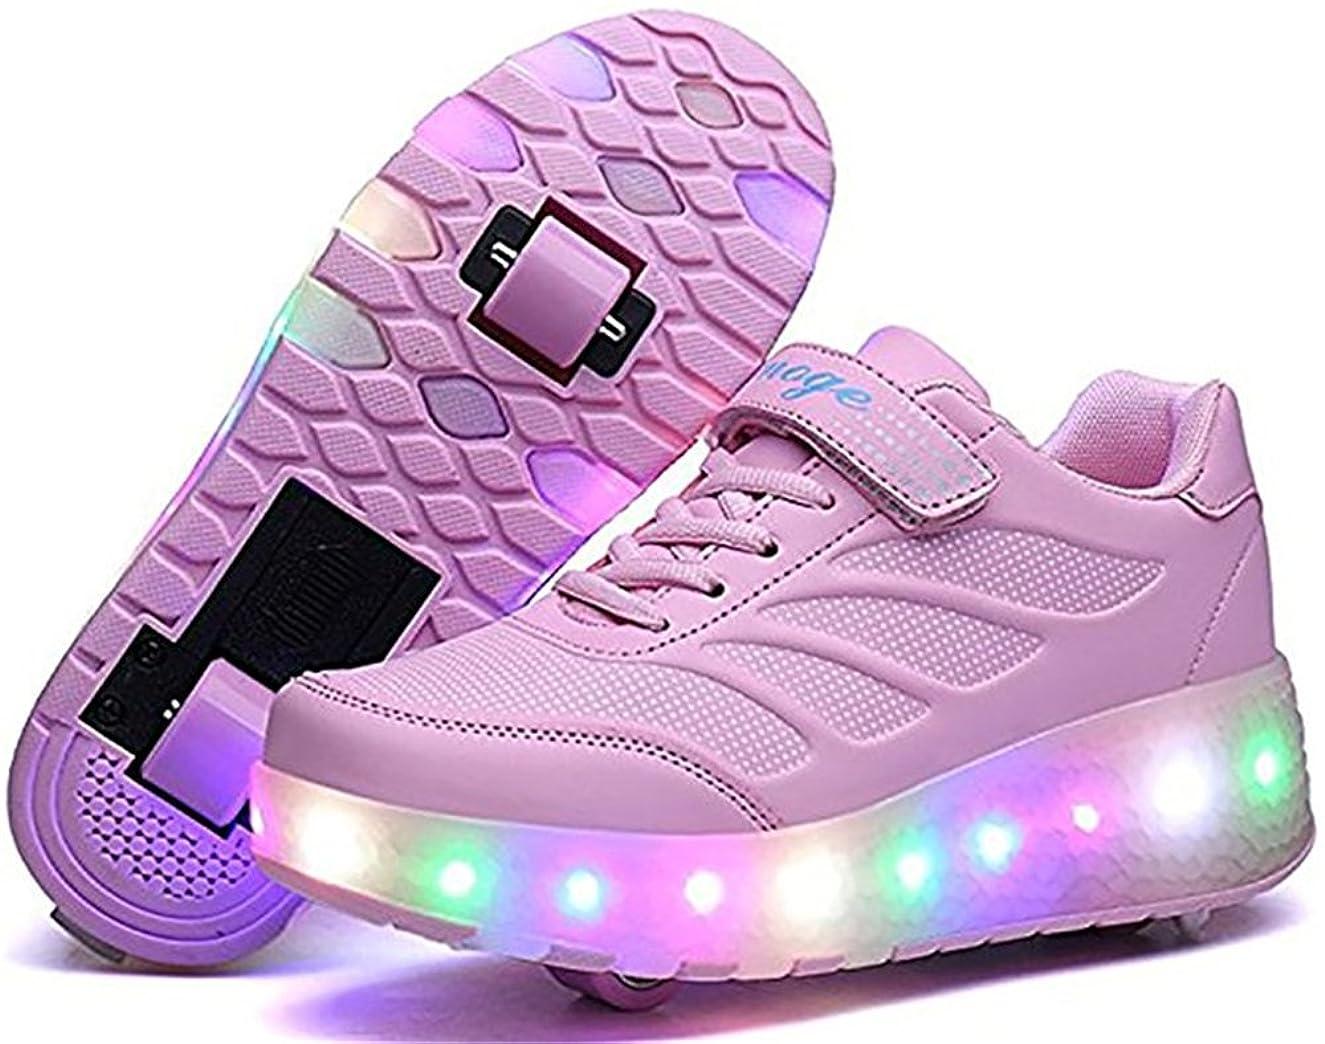 速度ノーブル嫉妬[cool light] 光る靴 子供 LEDスニーカー ローラーシューズ キッズ マジックテープ 羽根 フラッシュ スケッチャーズ 女の子 男の子 ダンスシューズ